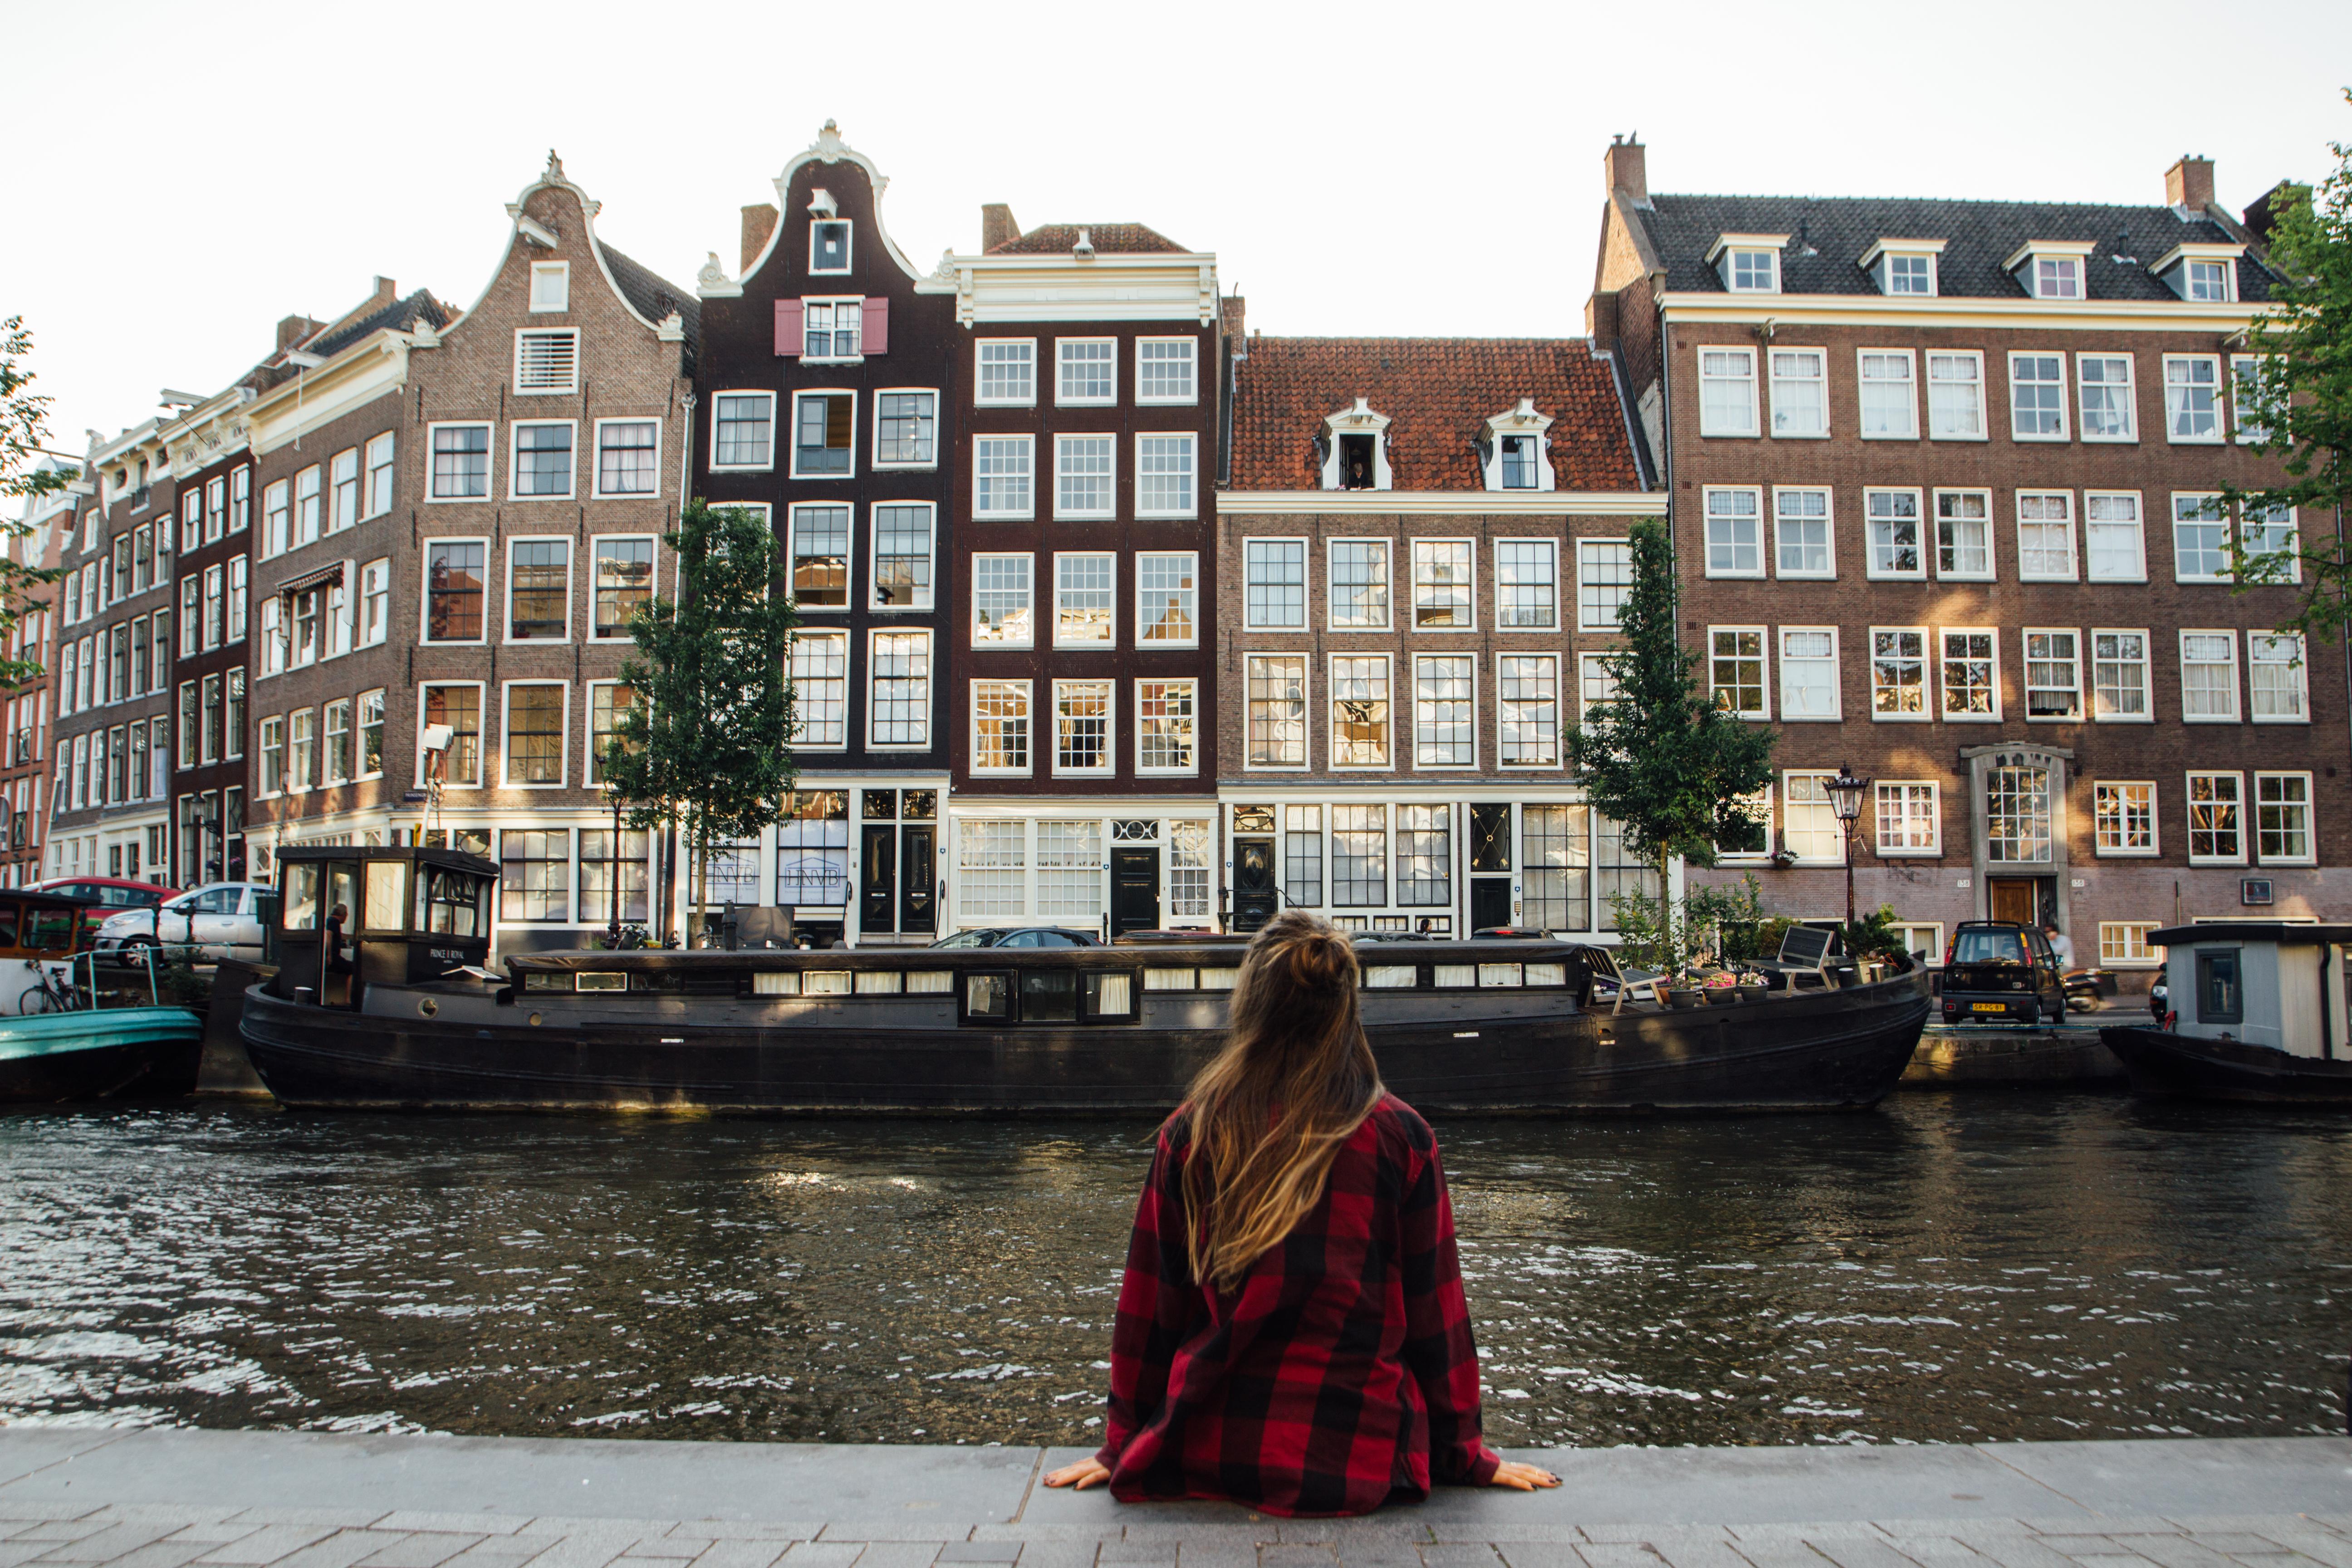 Amsterdam_Netherlands (Amy Wang)